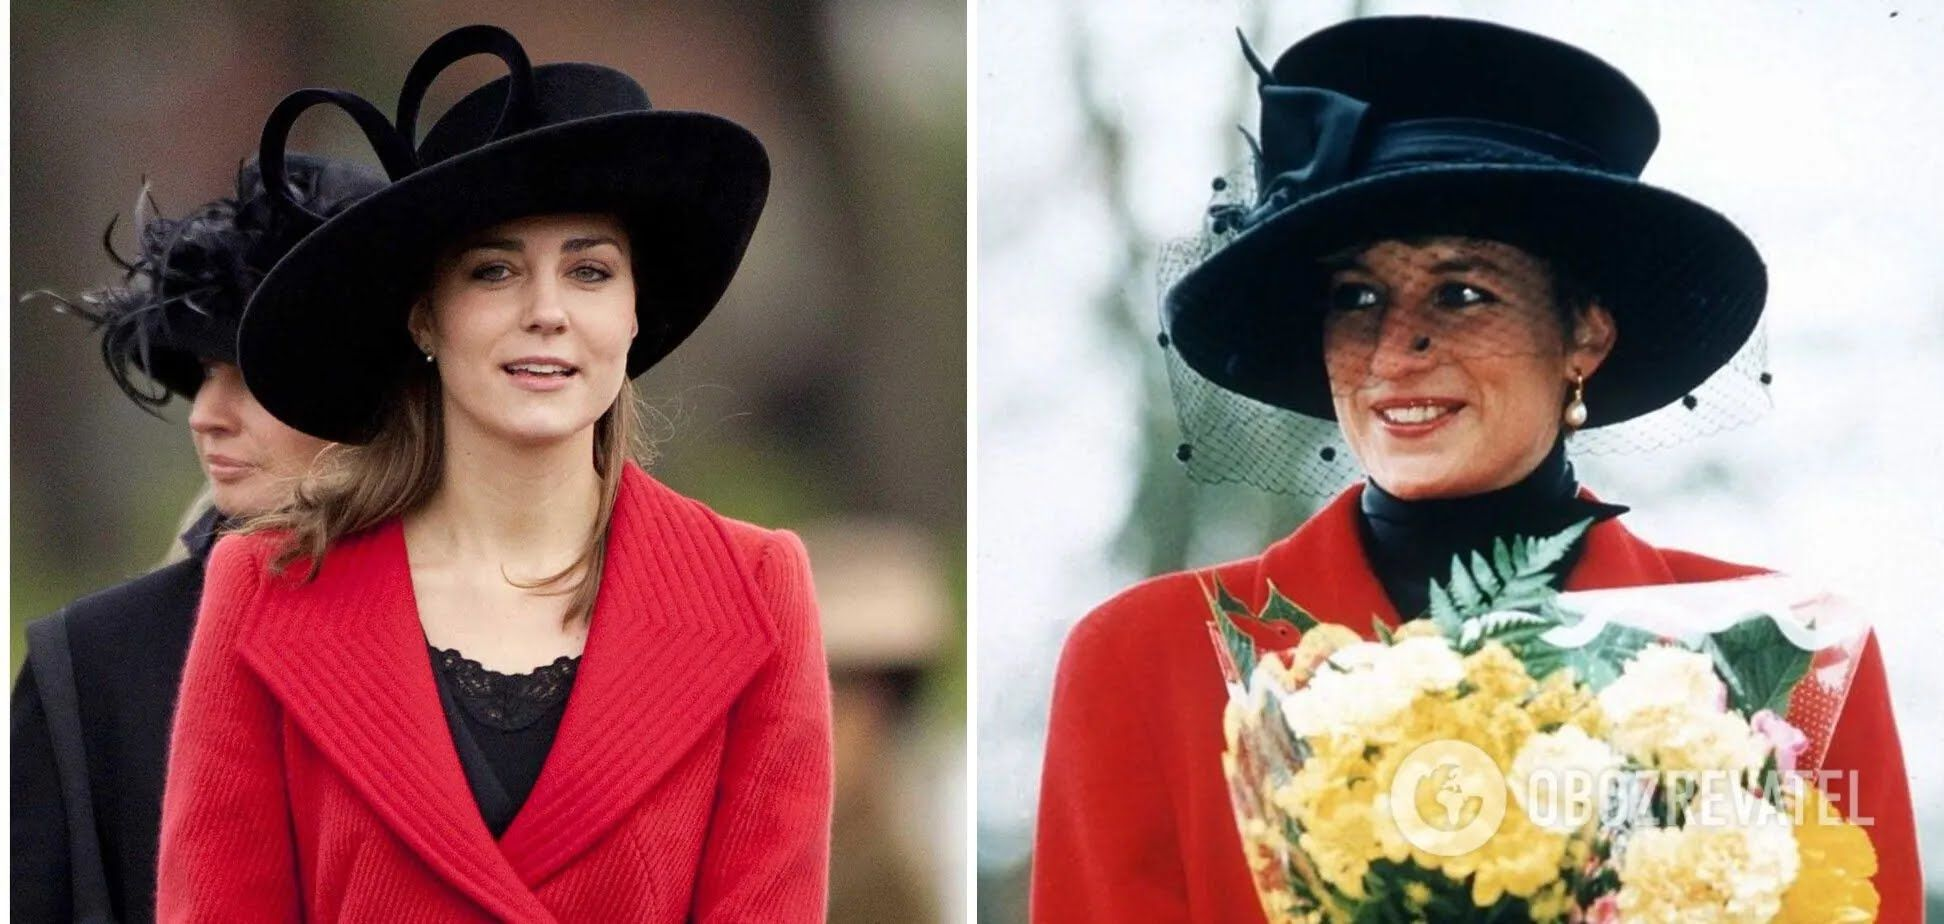 Кейт Міддлтон і принцеса Діана обожнювали одягати червоне пальто.